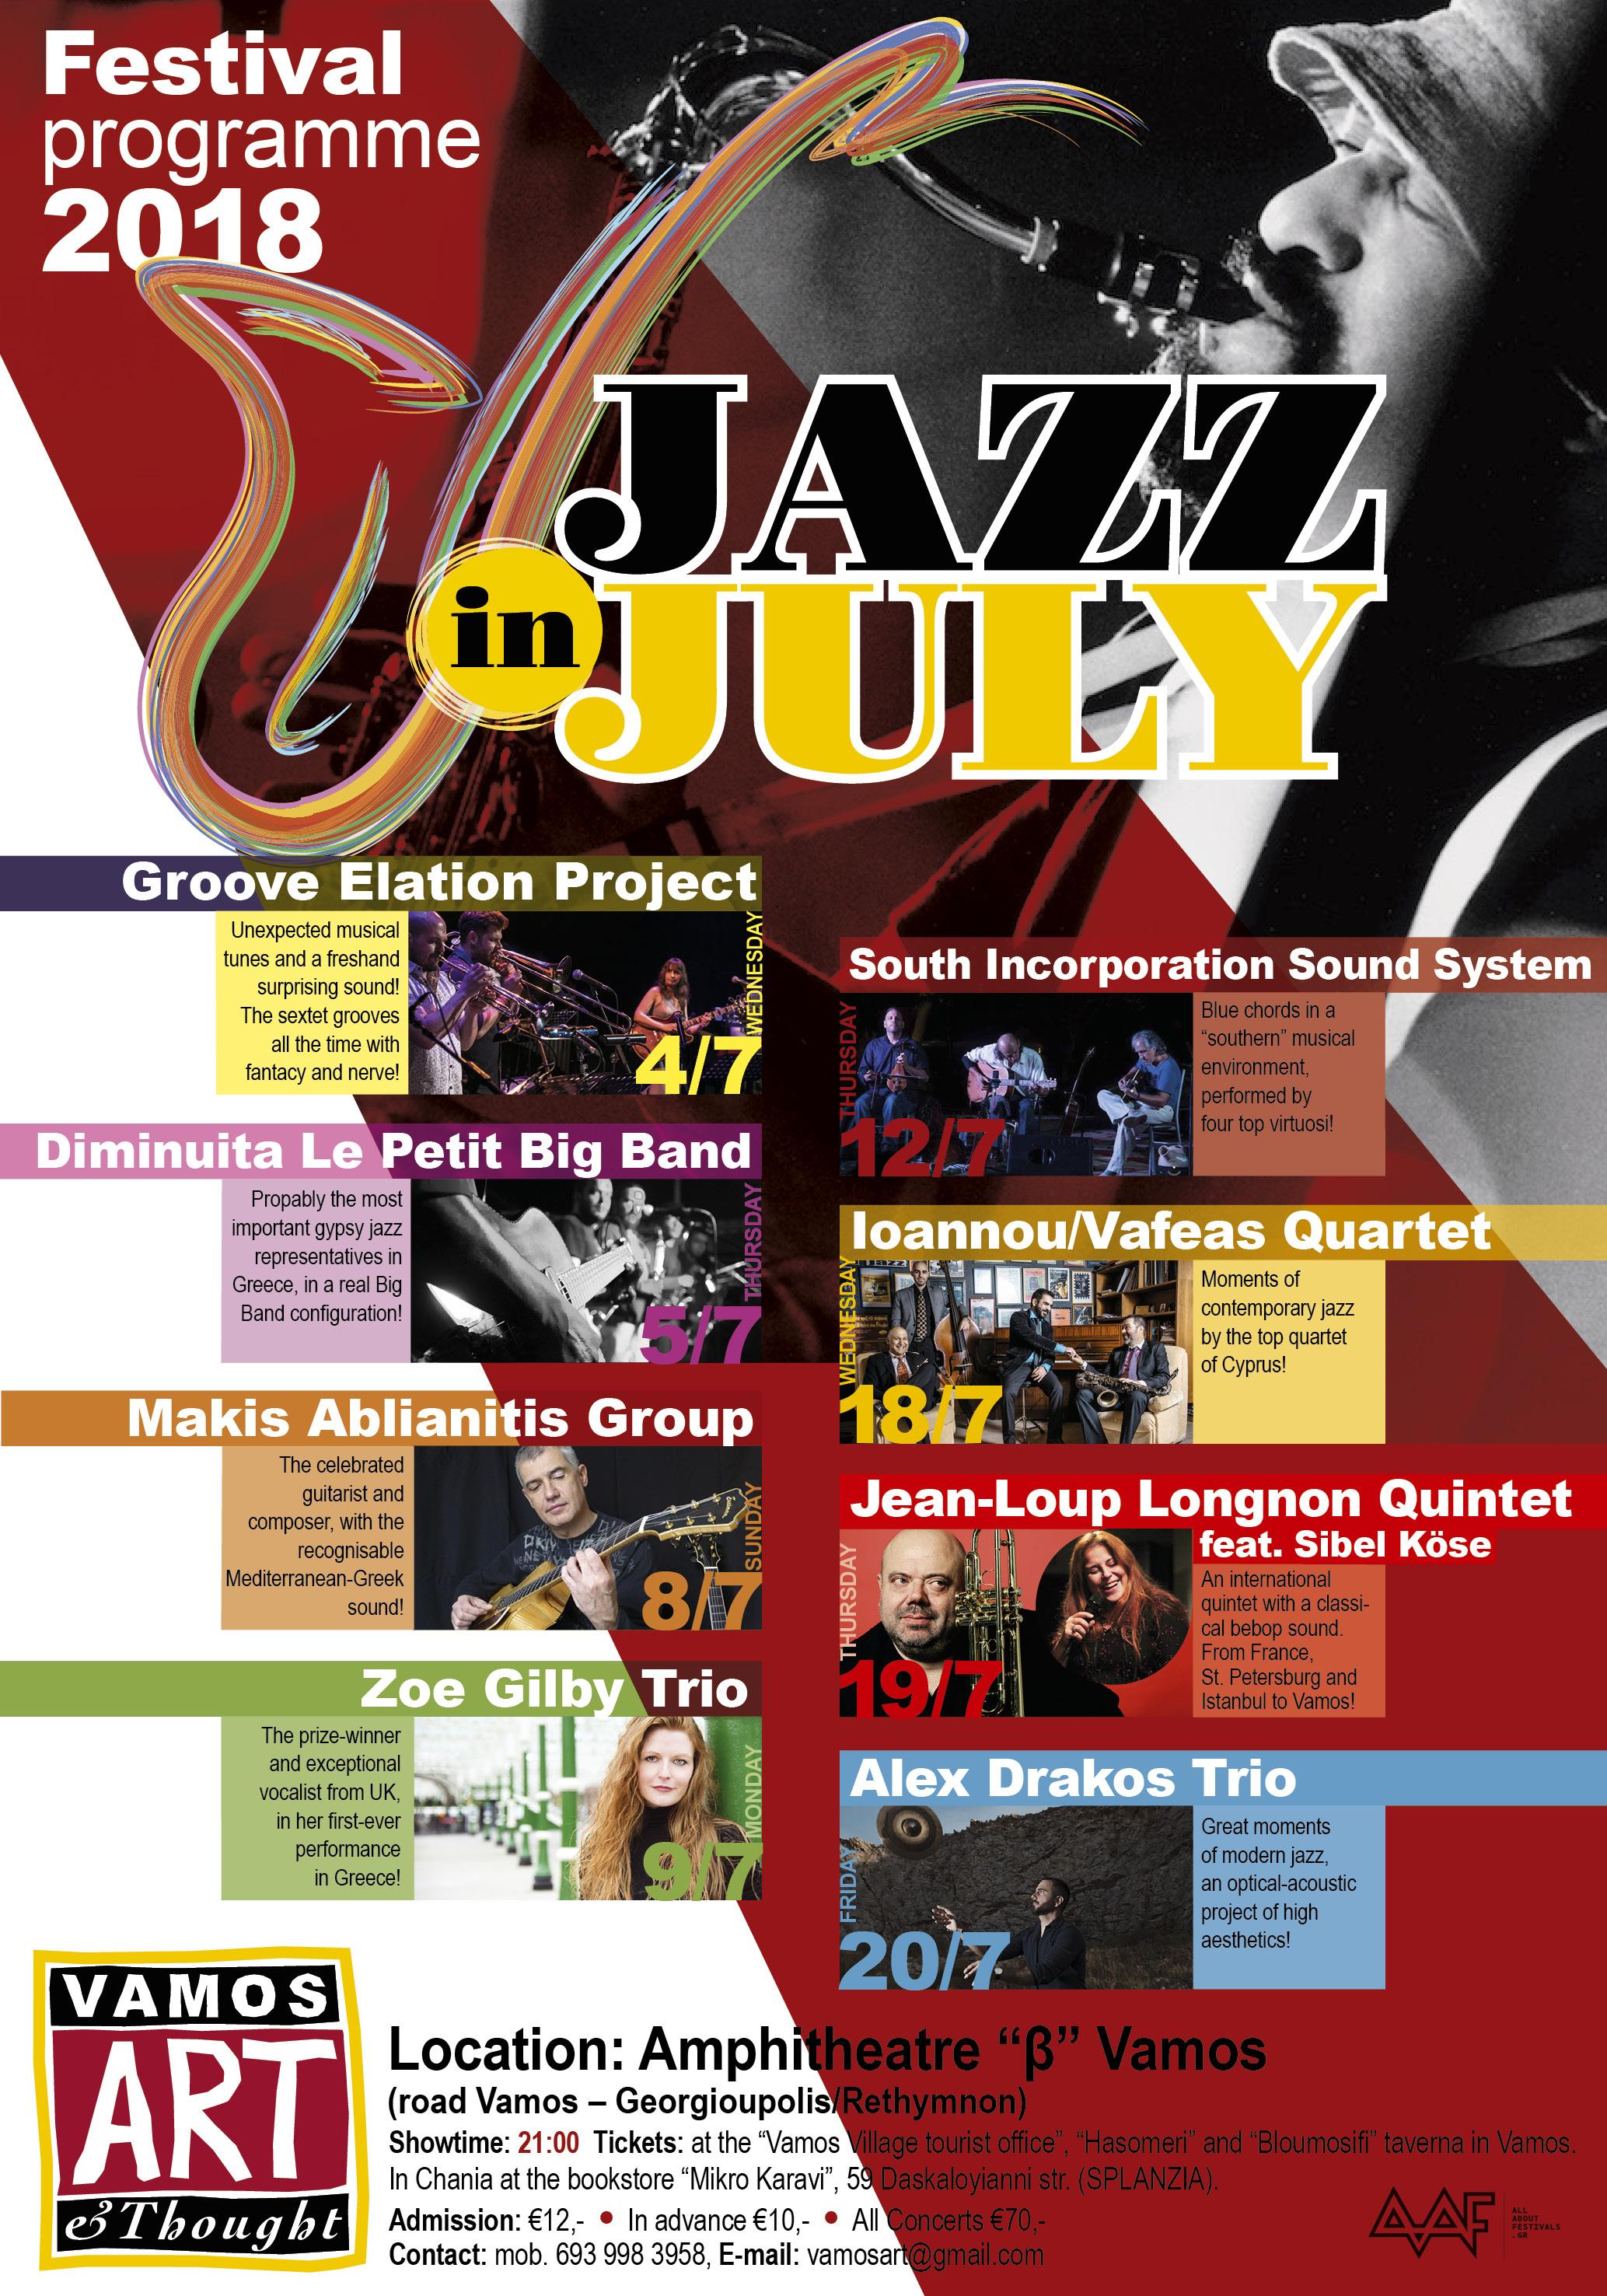 Jazz in July - Programme 2018.jpg